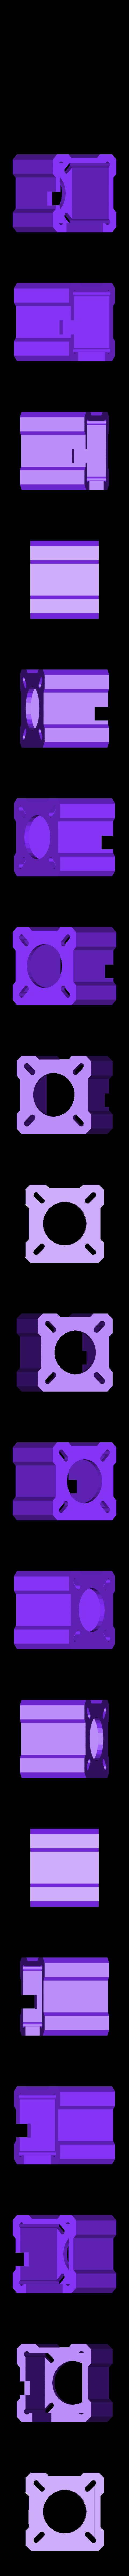 X-MotorBracket.stl Télécharger fichier STL gratuit Hadron (ORD Bot) Support pour moteur en X • Modèle pour imprimante 3D, Duskwin